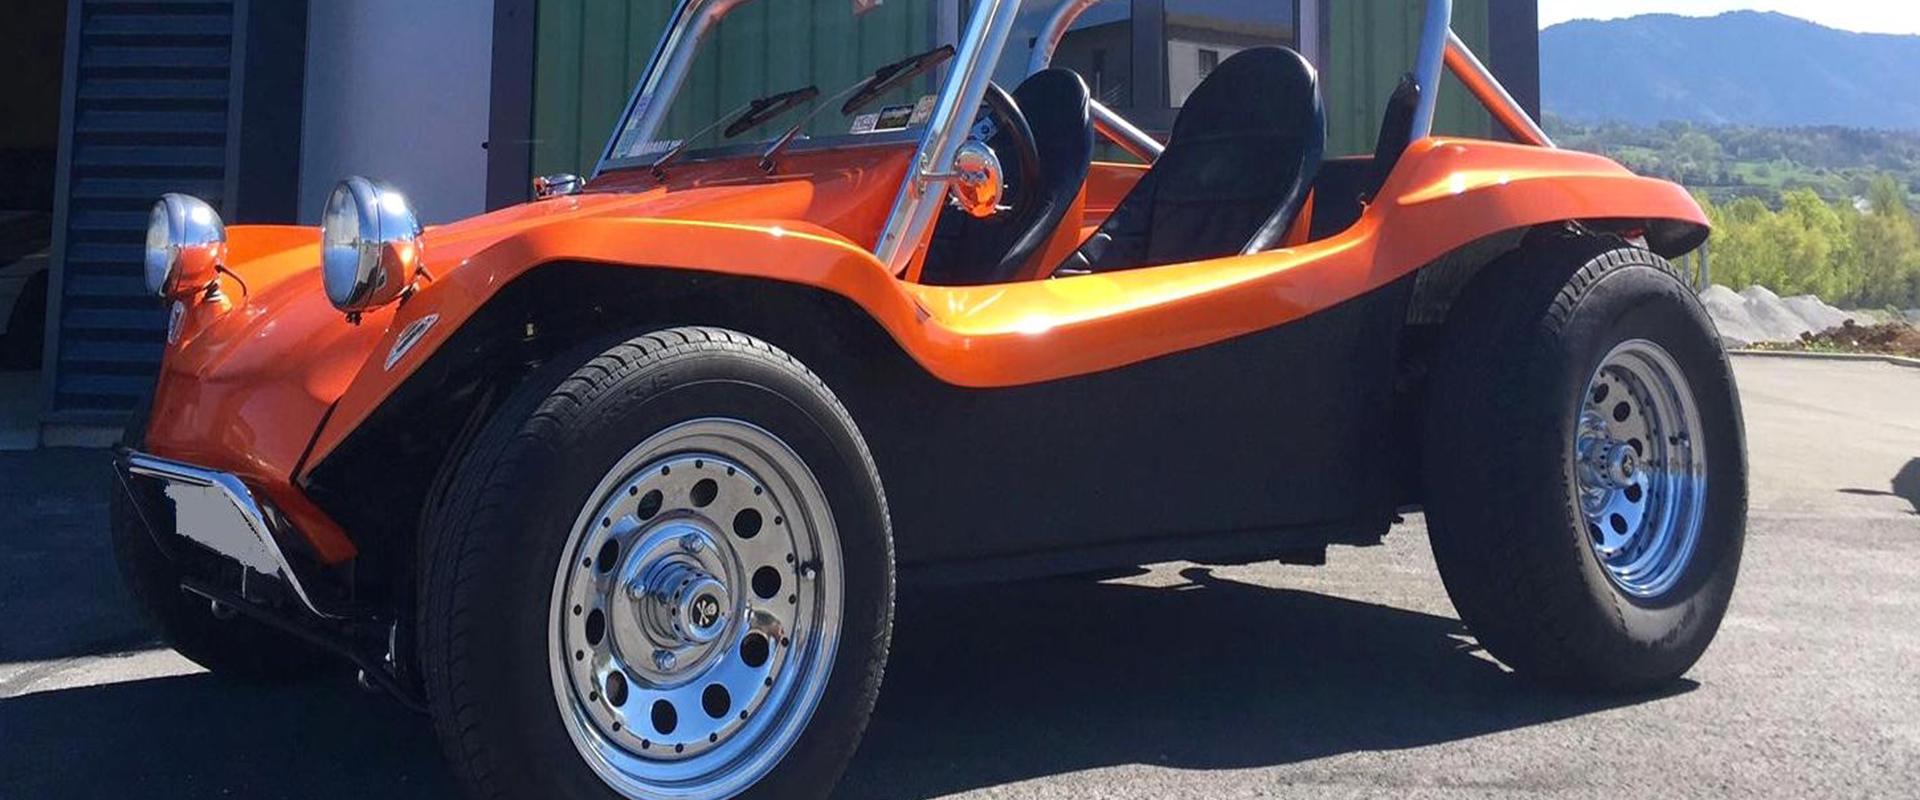 Gladieux Cars Restoration à Thonon-les-Bains